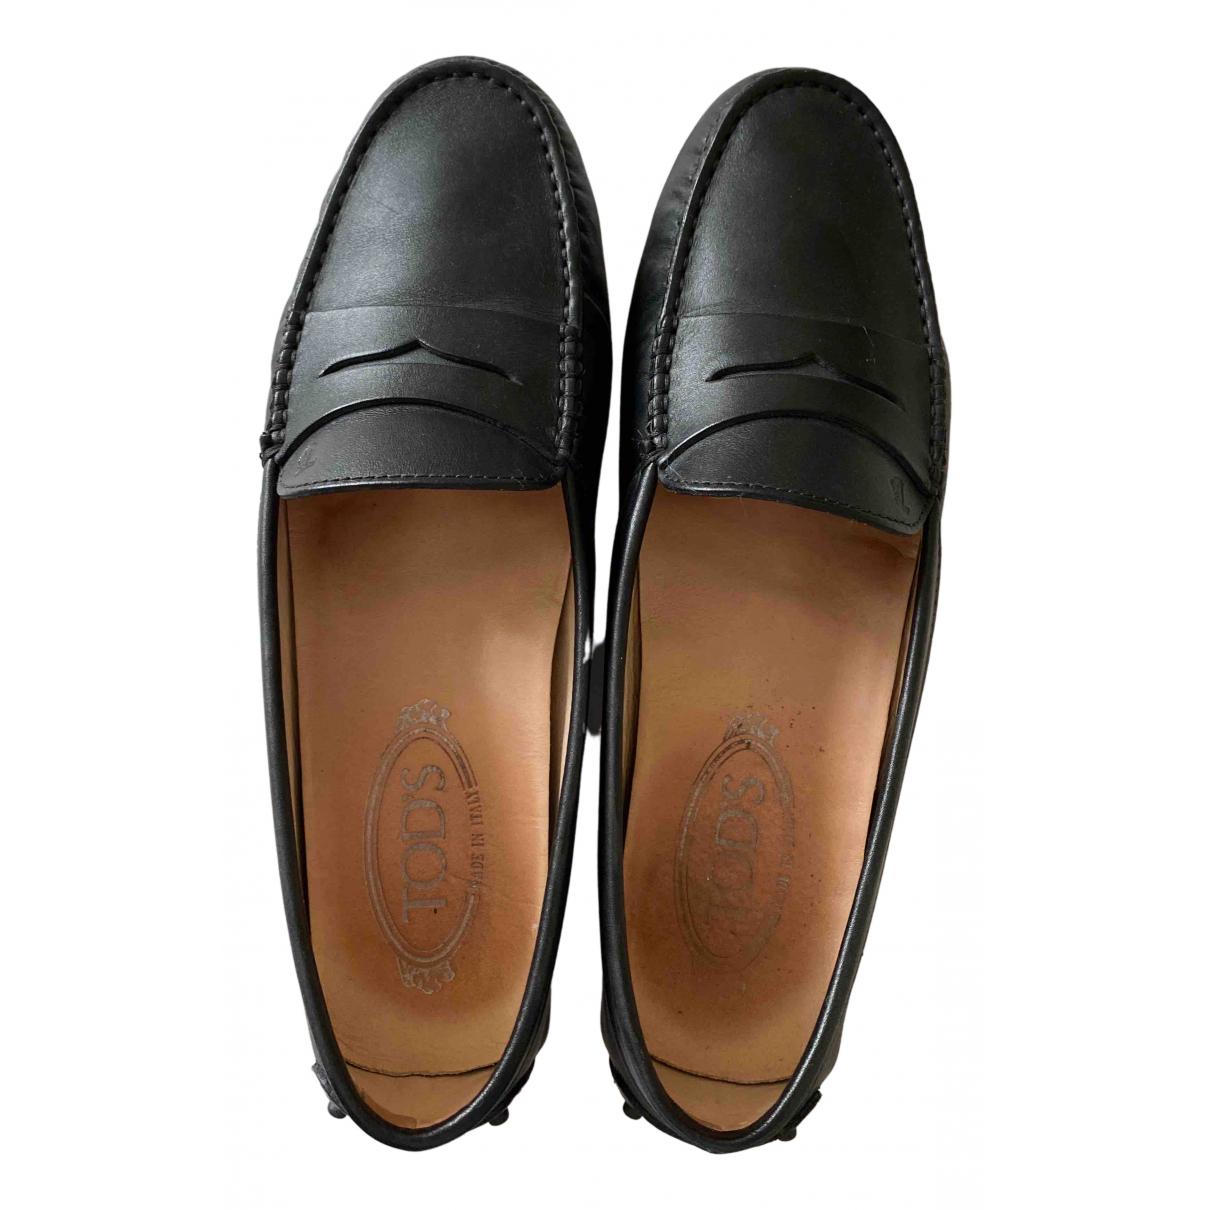 Tods - Mocassins Gommino pour femme en cuir - noir